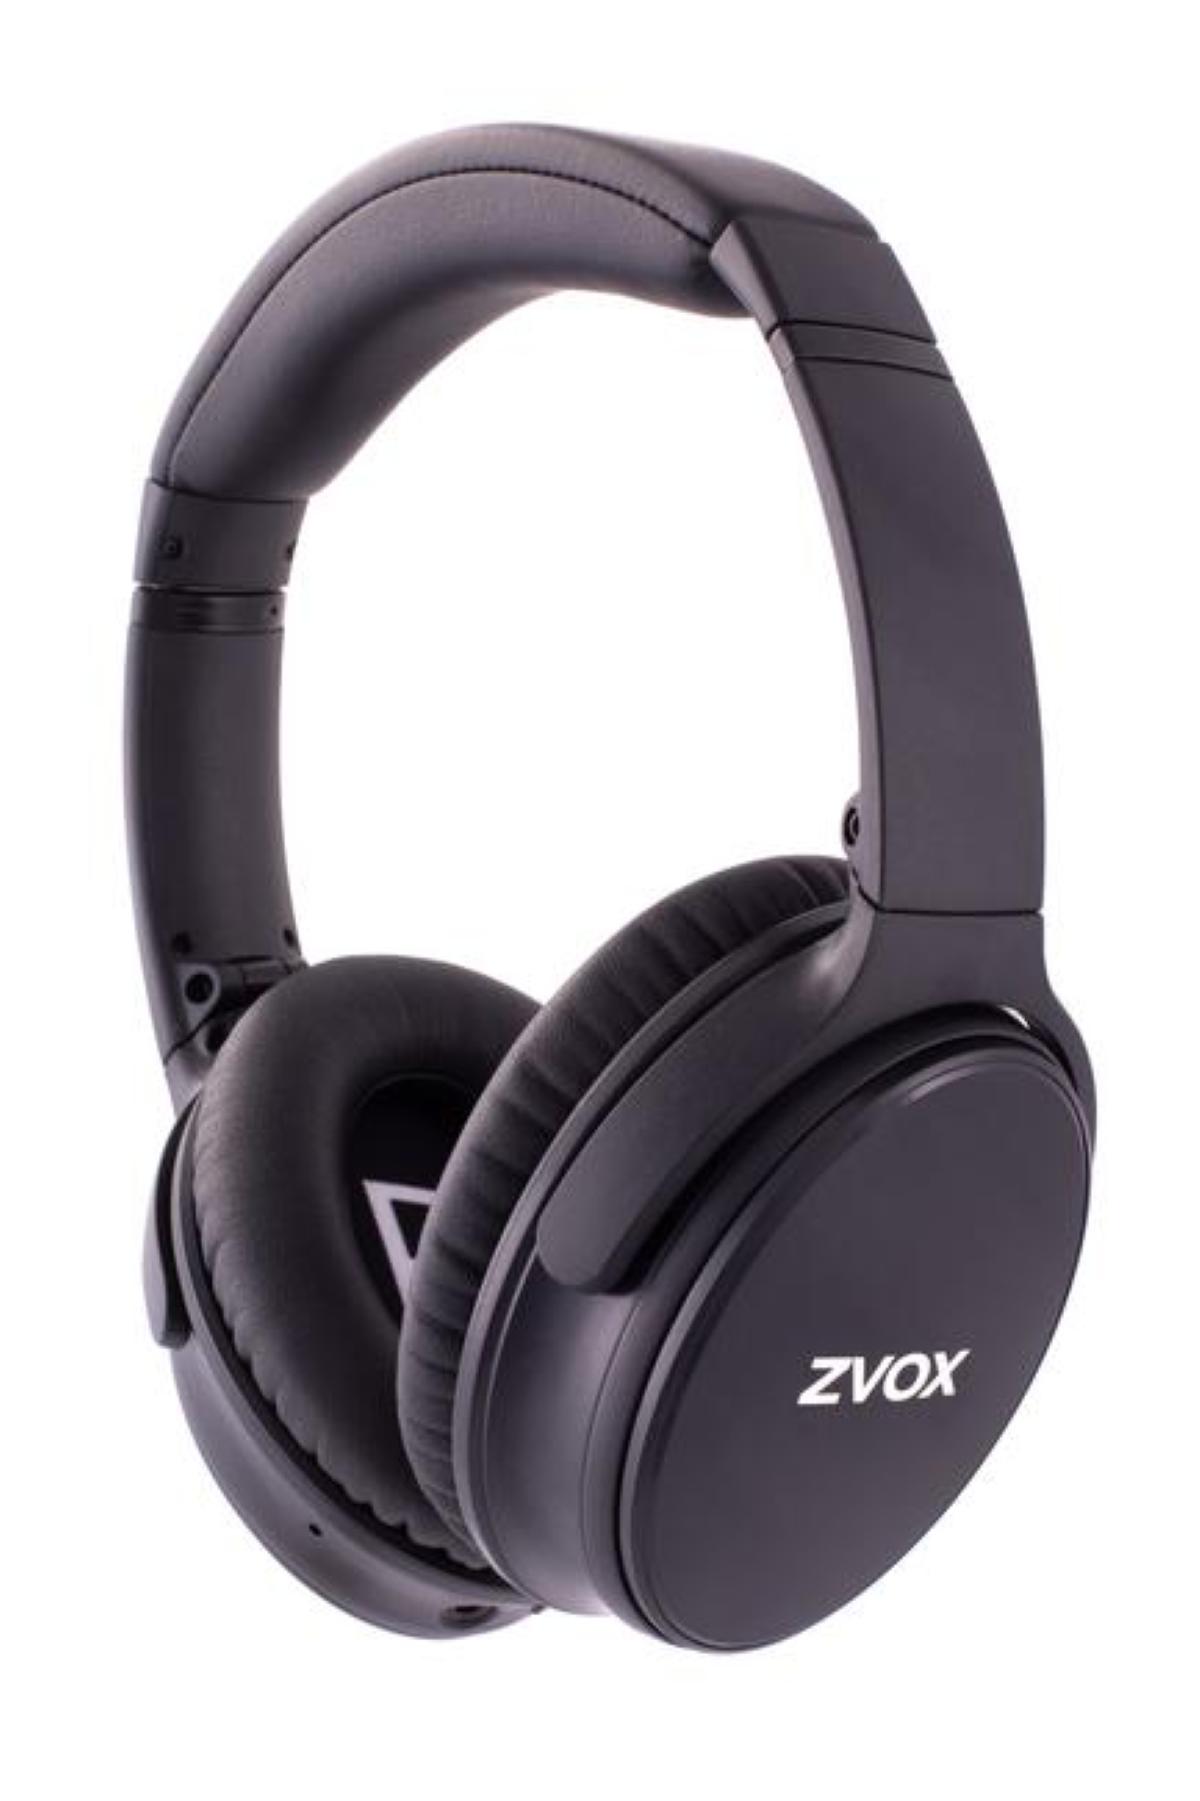 ZVOX AV50 ANC Bluetooth Headphones